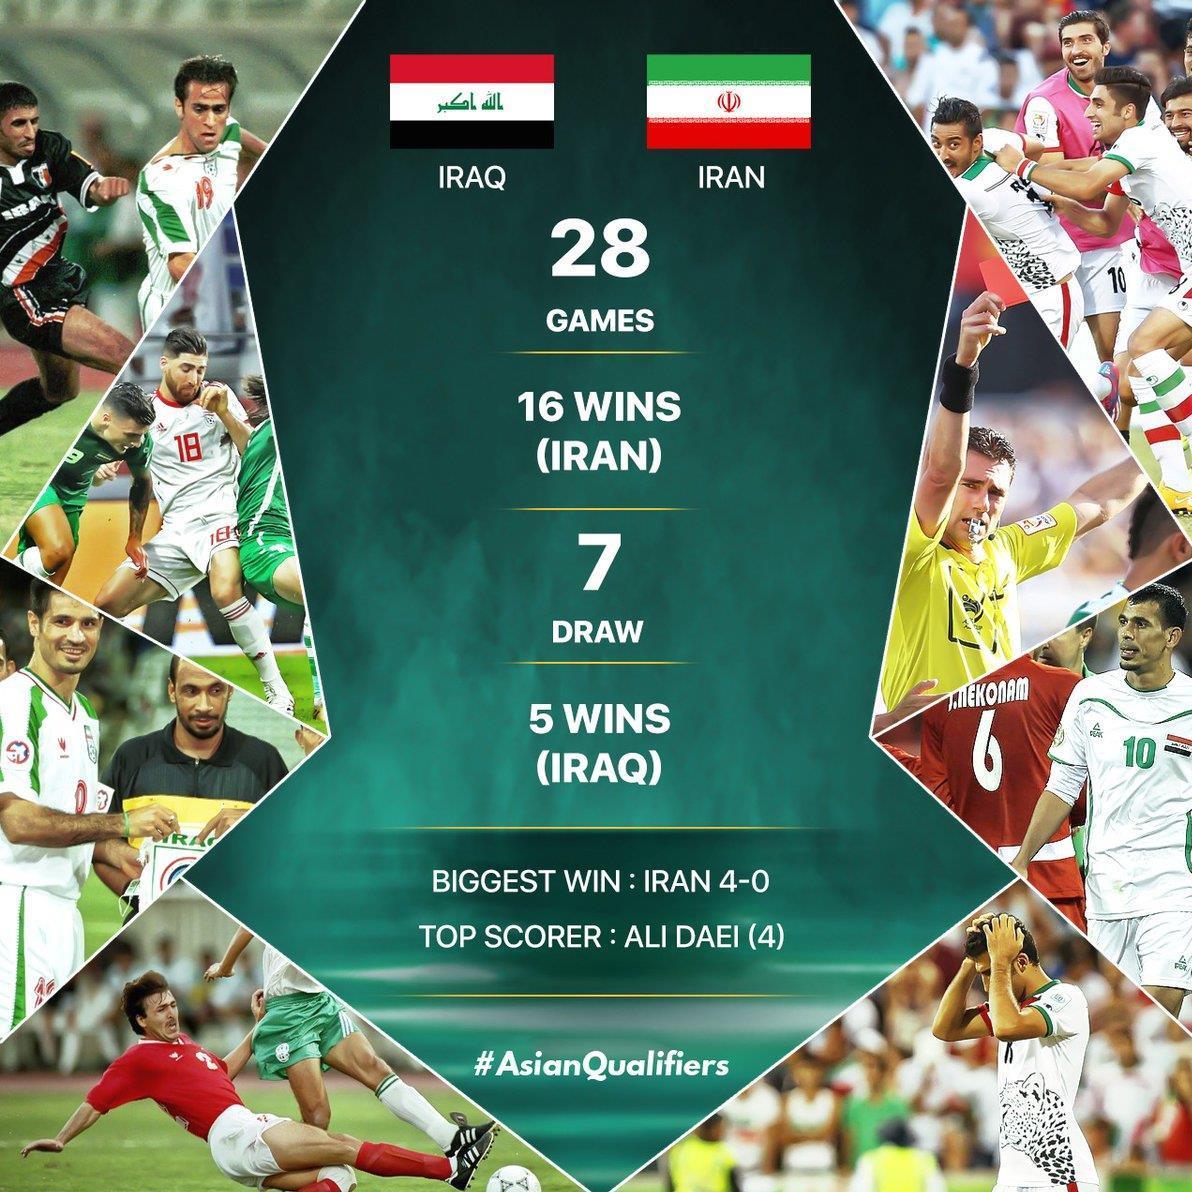 تصویری که AFC با آن به استقبال دیدار ایران و عراق رفت